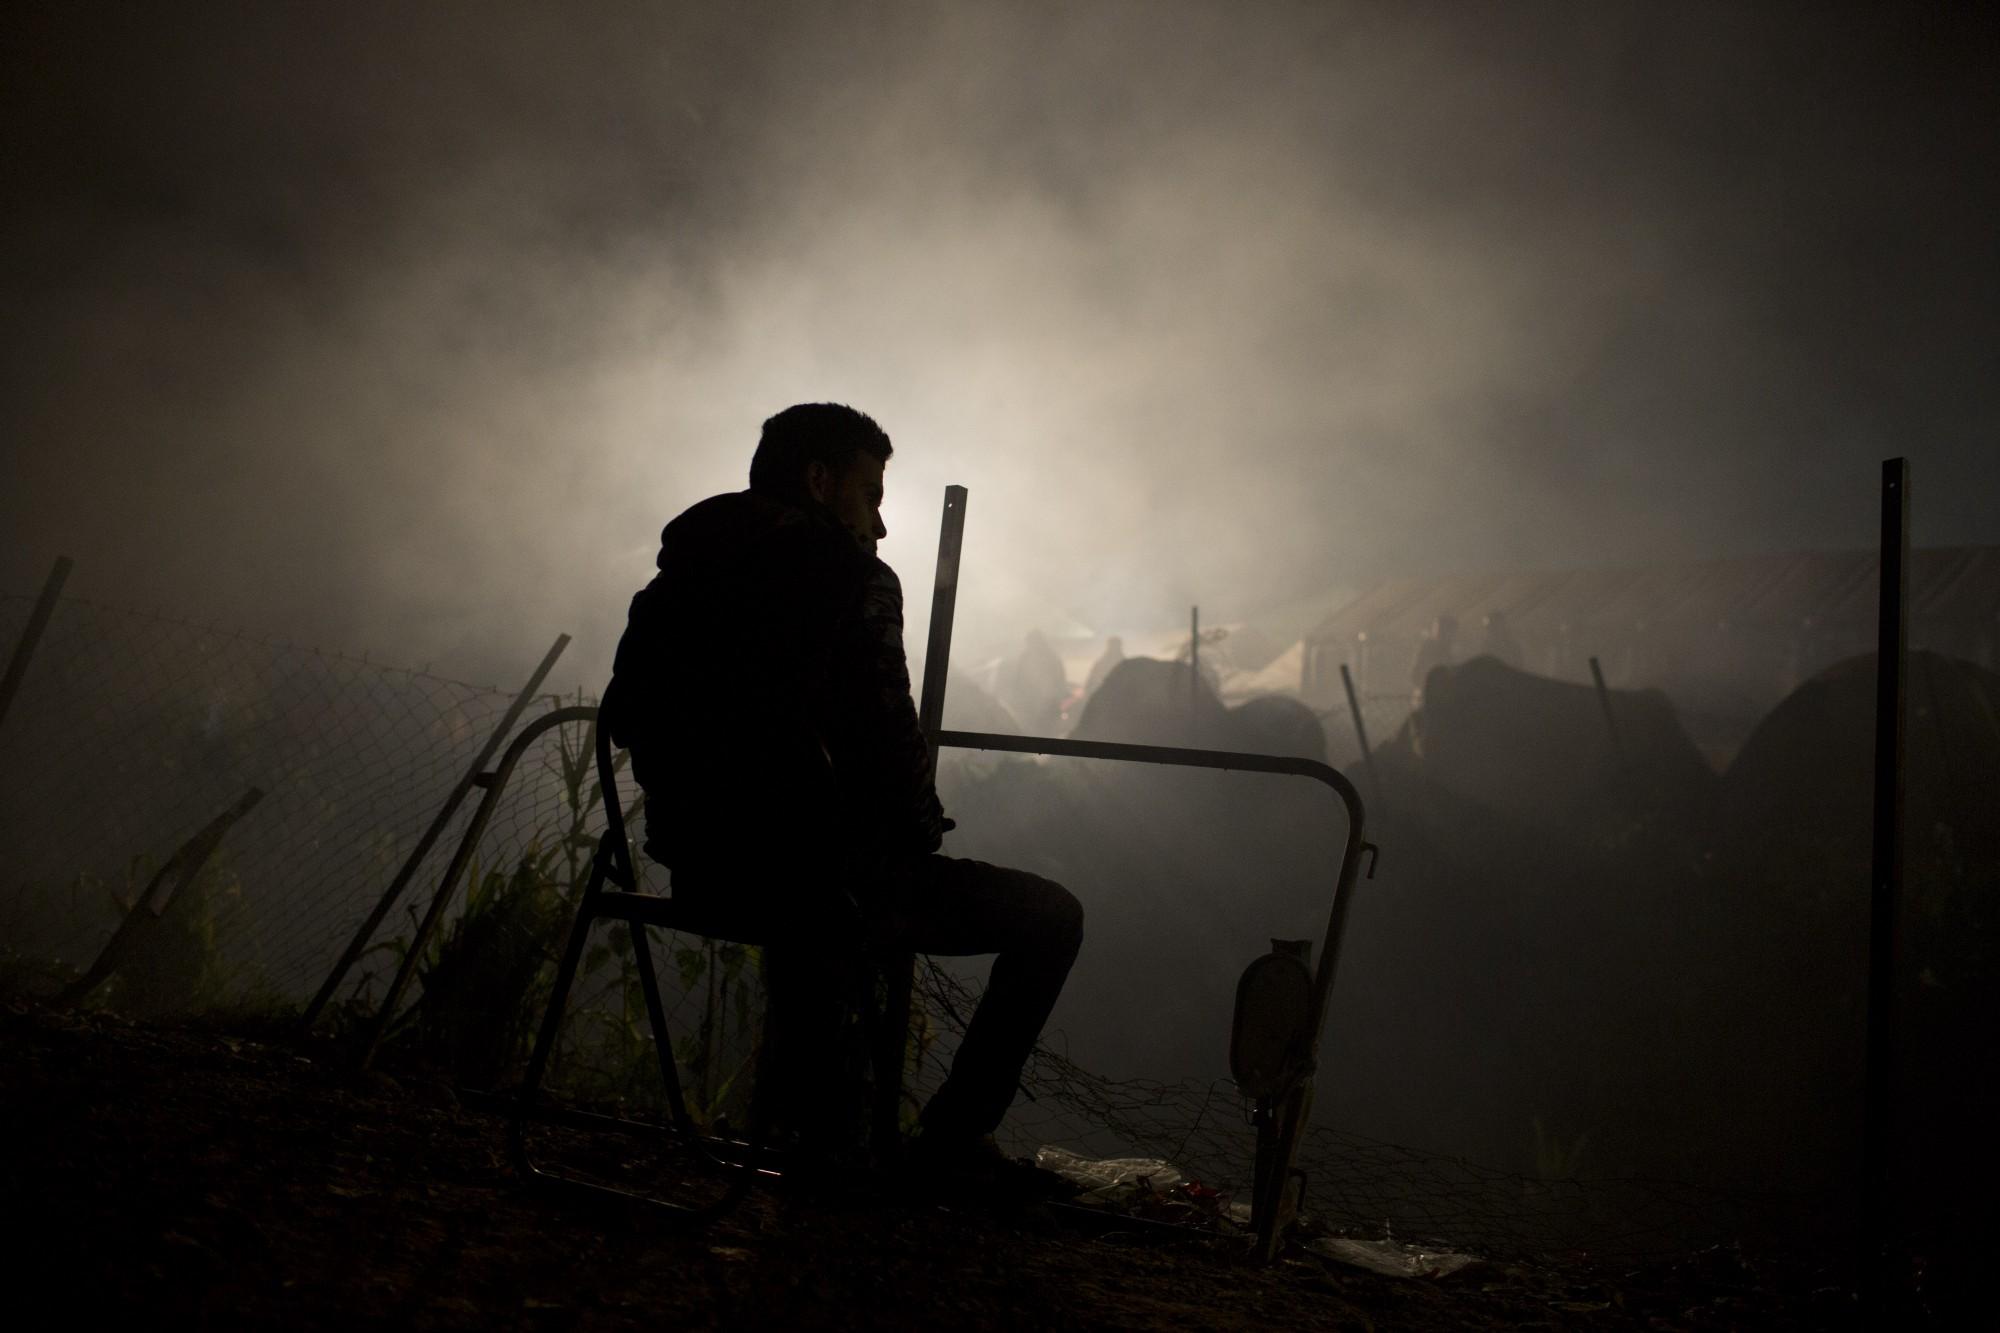 Un migrante sentado cerca de un fuego en un campamento de refugiados en la frontera de Grecia y Macedonia, donde llevaba esperando 17 días.